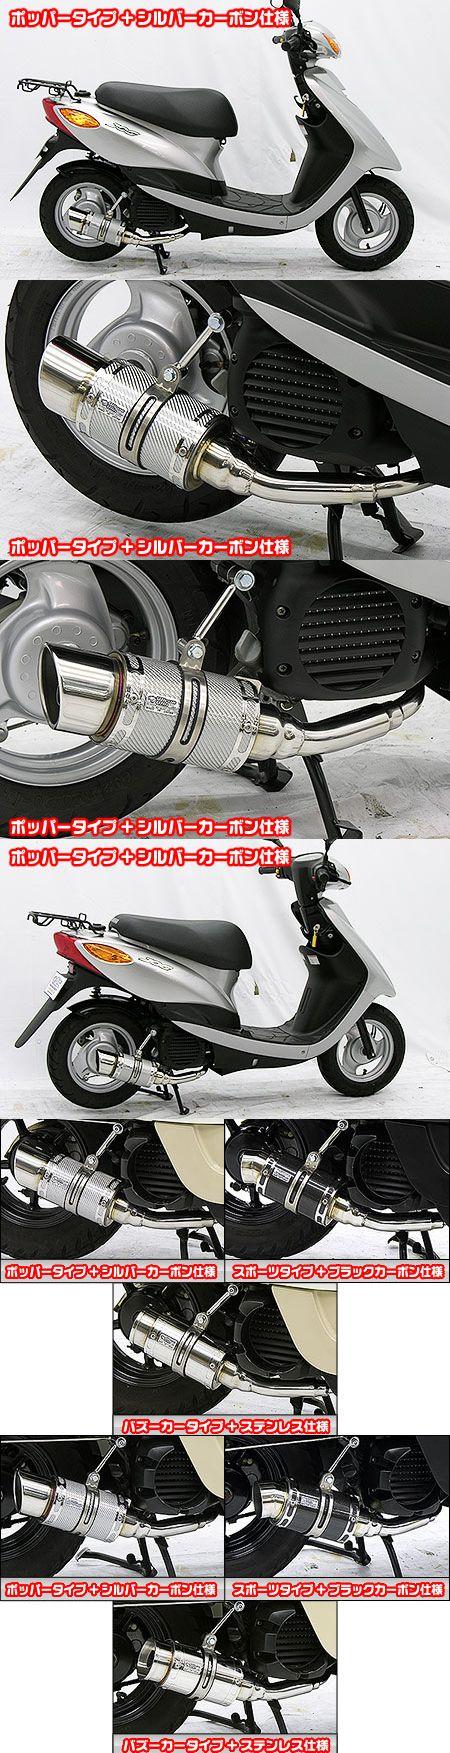 【WirusWin】Tiger auto聯名款 Fat Bomber全段排氣管 Popper型 銀色碳纖維款式 - 「Webike-摩托百貨」